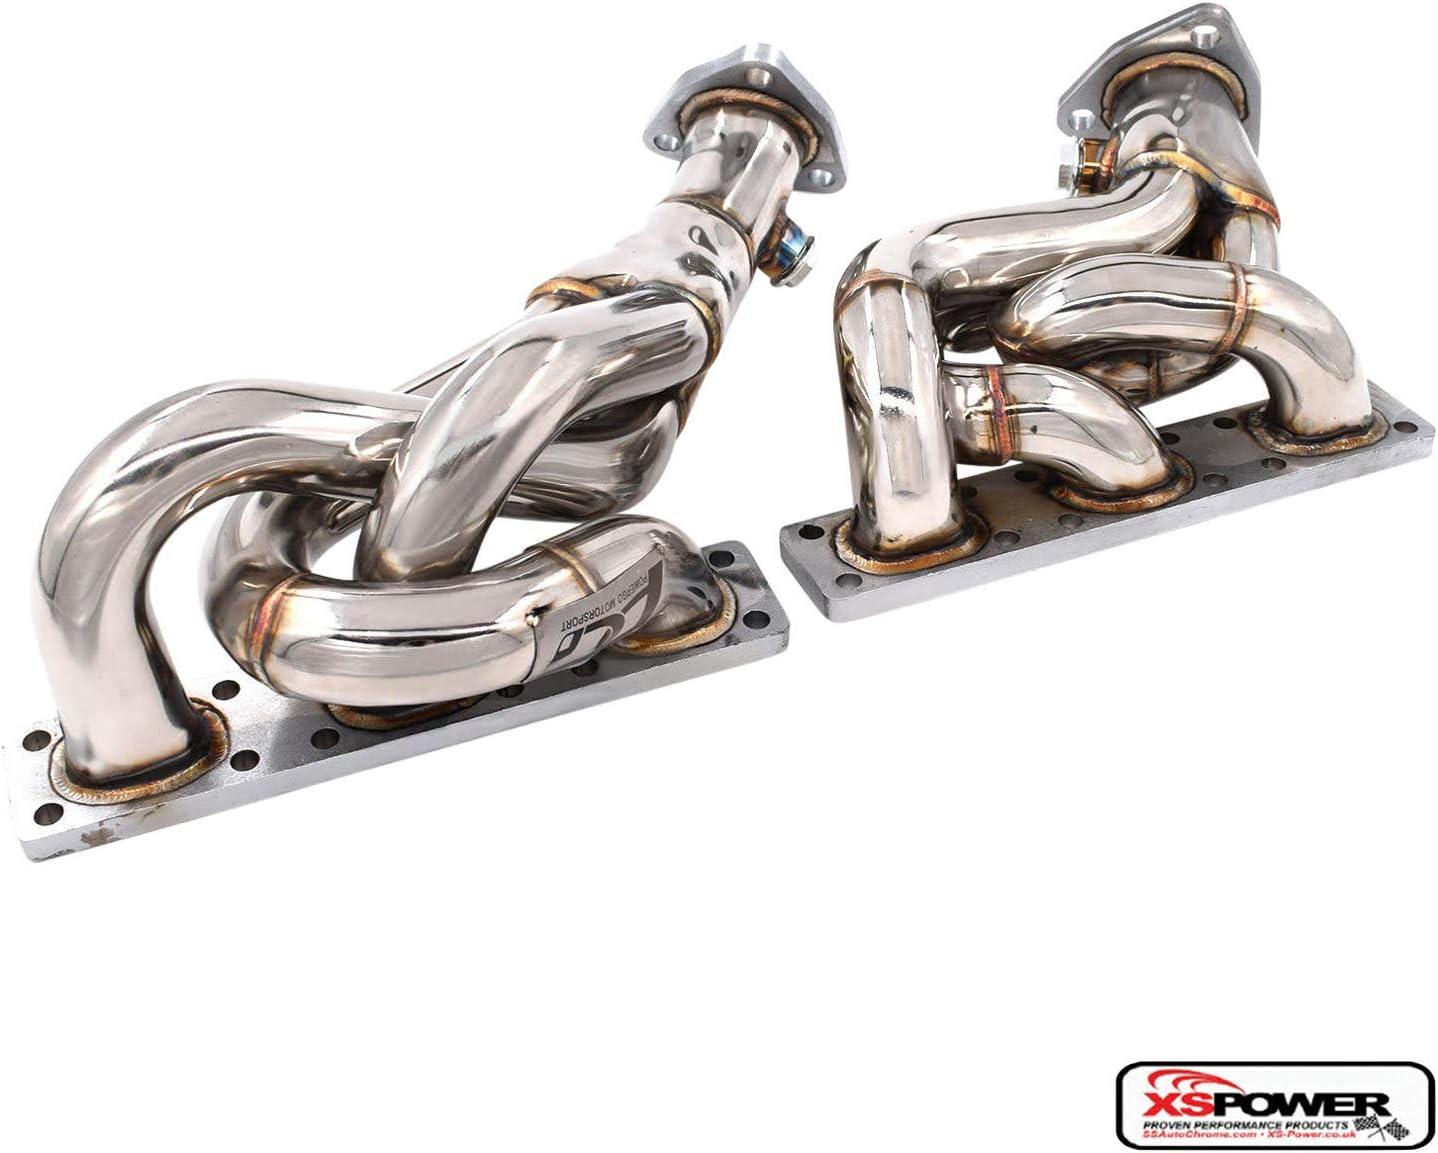 Equal Length Headers Exhaust Manifold for BMW E36 325i 323i 328i M3 Z3 M50 M52